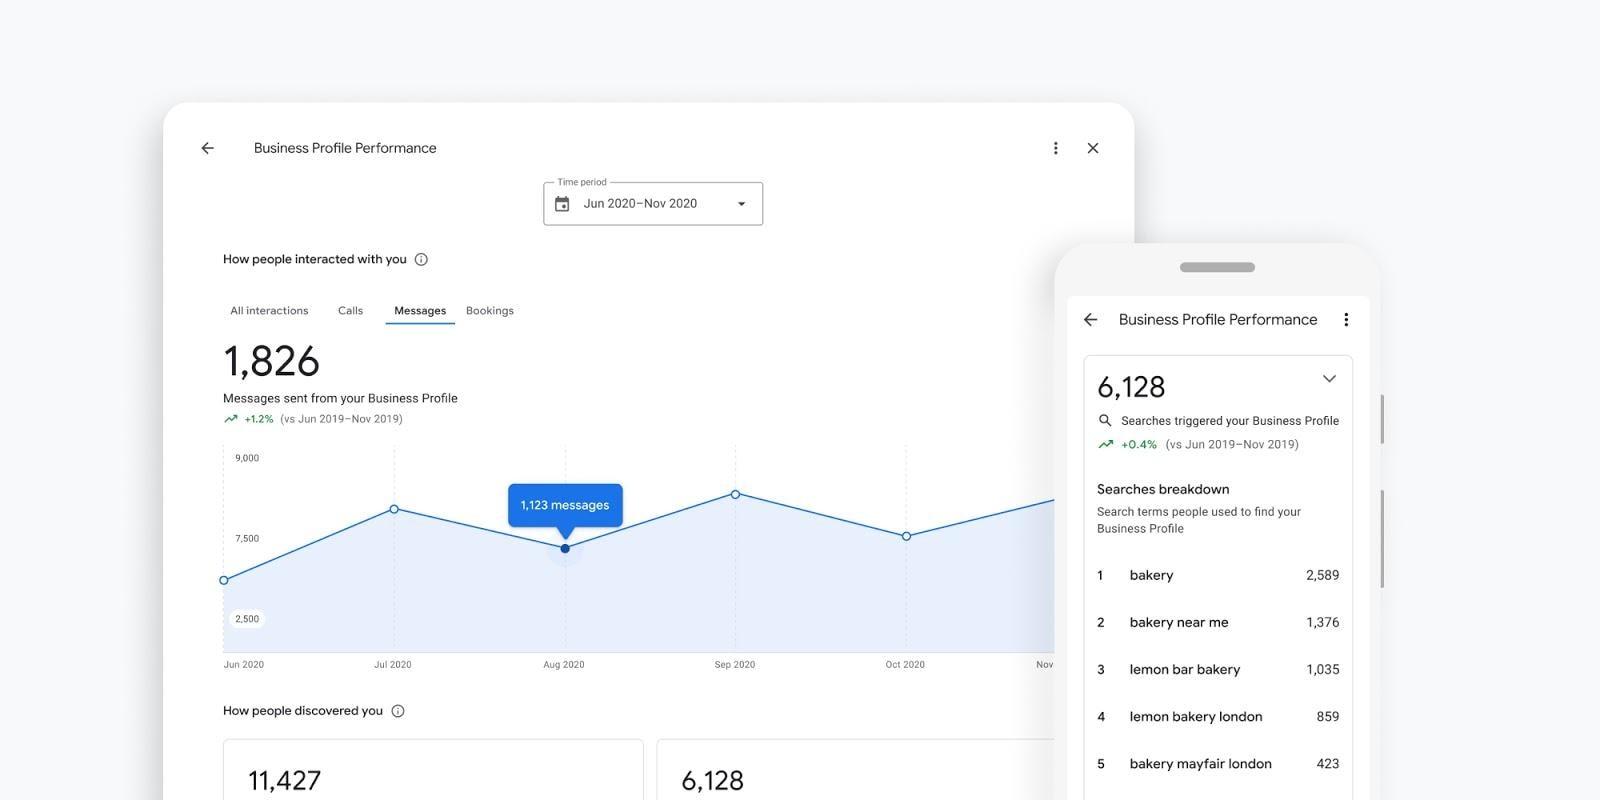 Google позволил компаниям общаться с клиентами прямо в Поиске и Картах